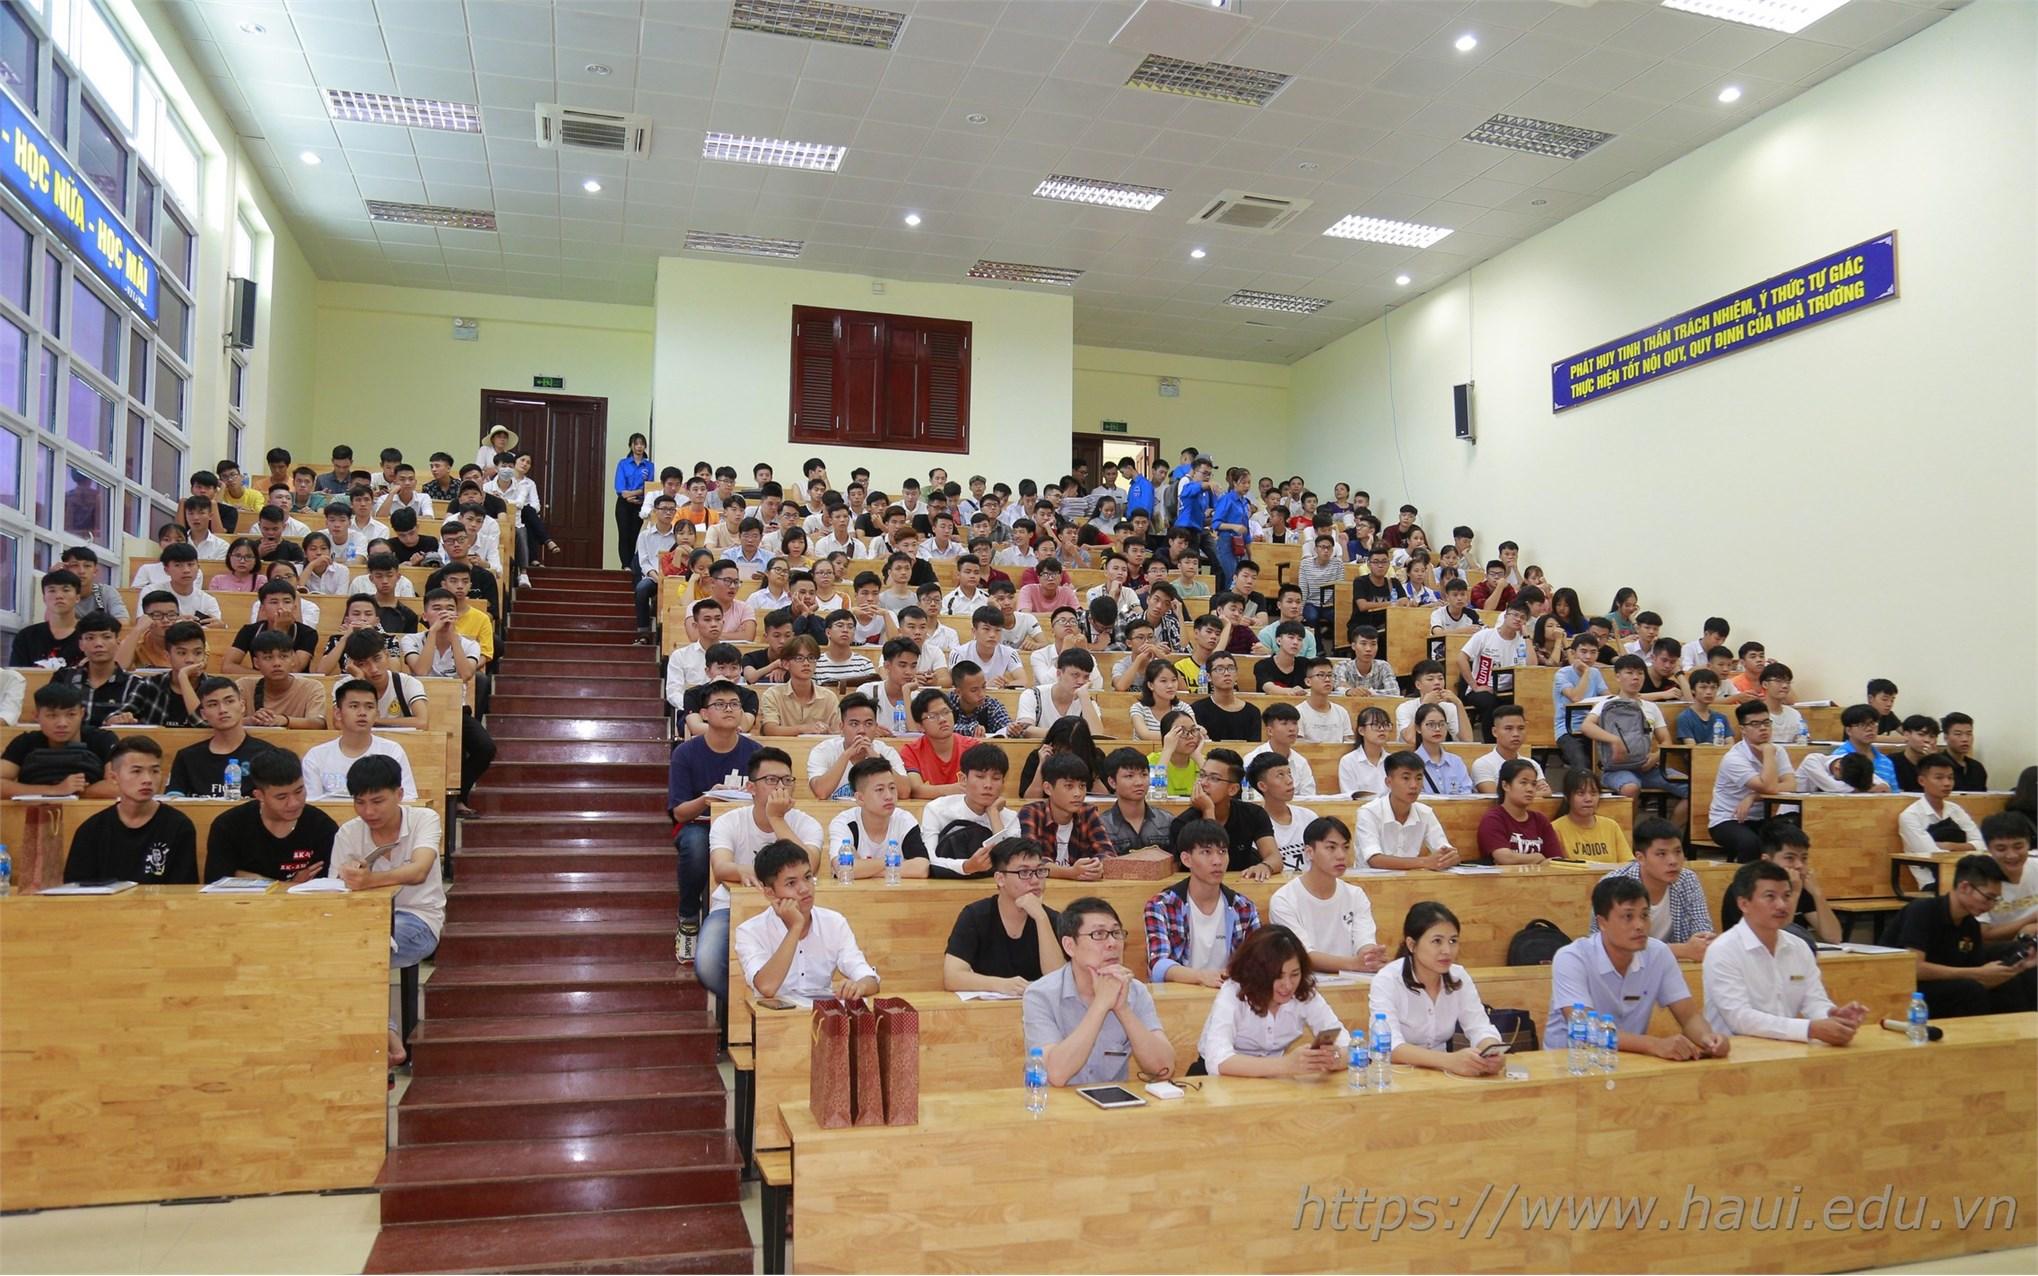 Ngày hội chào tân sinh viên Đại học Công nghiệp Hà Nội năm 2019